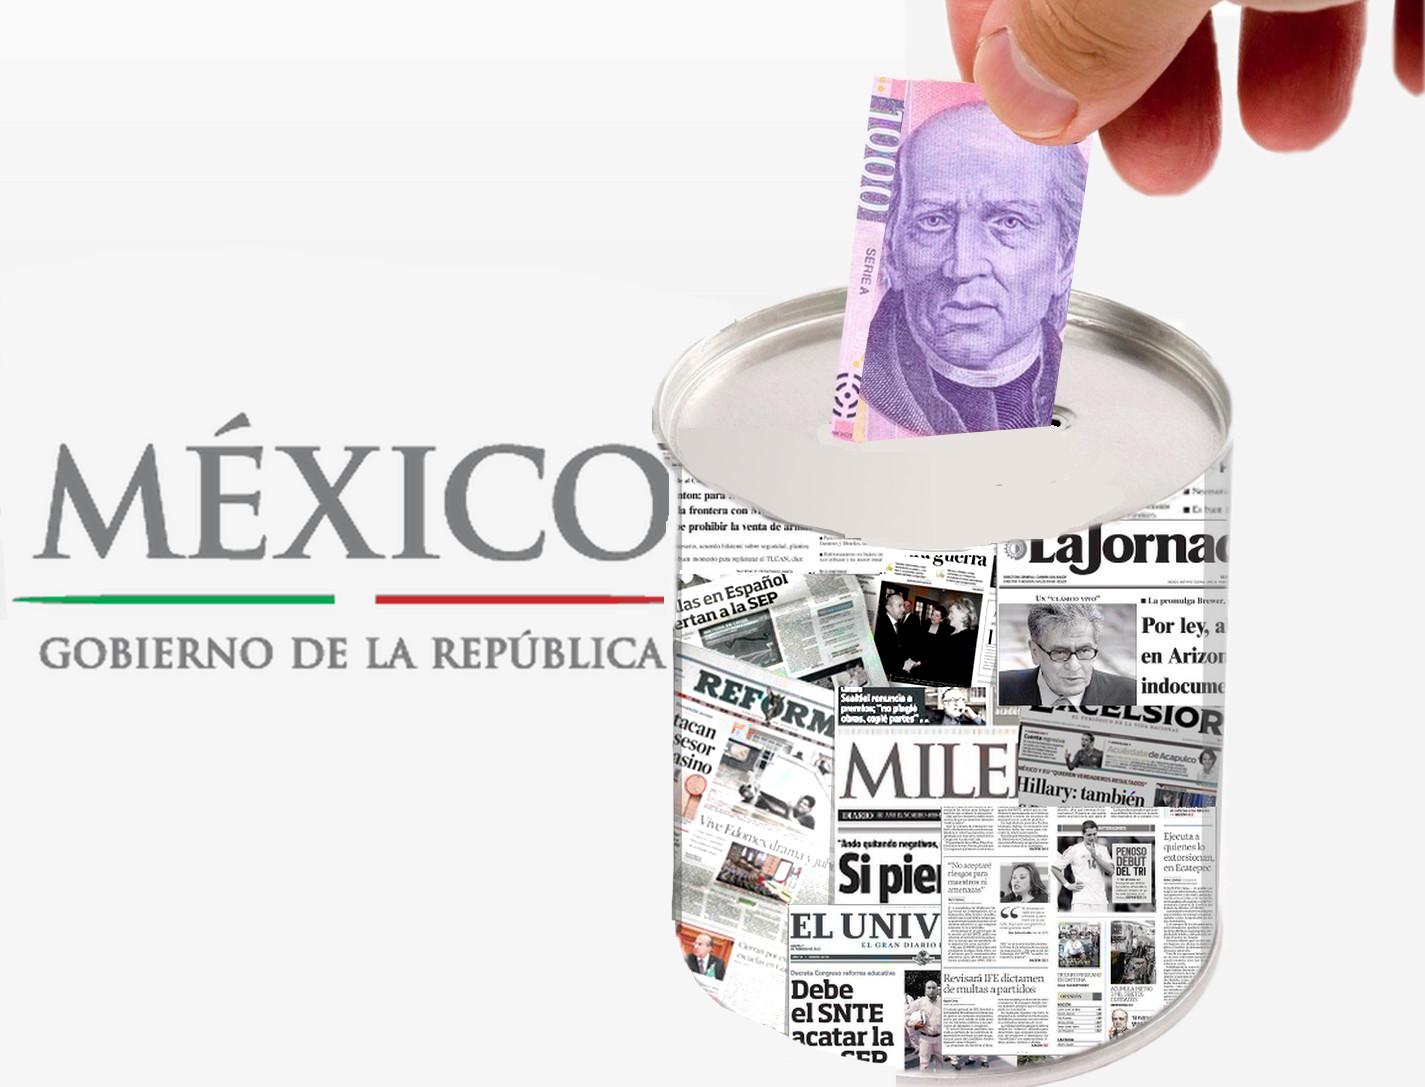 Actualmente el estado mexicano patrocina publicidad sin claridad y sin lectores como lo hacen la mayoría de empresas que reciben estos subsidios extraoficiales o extralegales, dice Raúl Trejo Delarbre